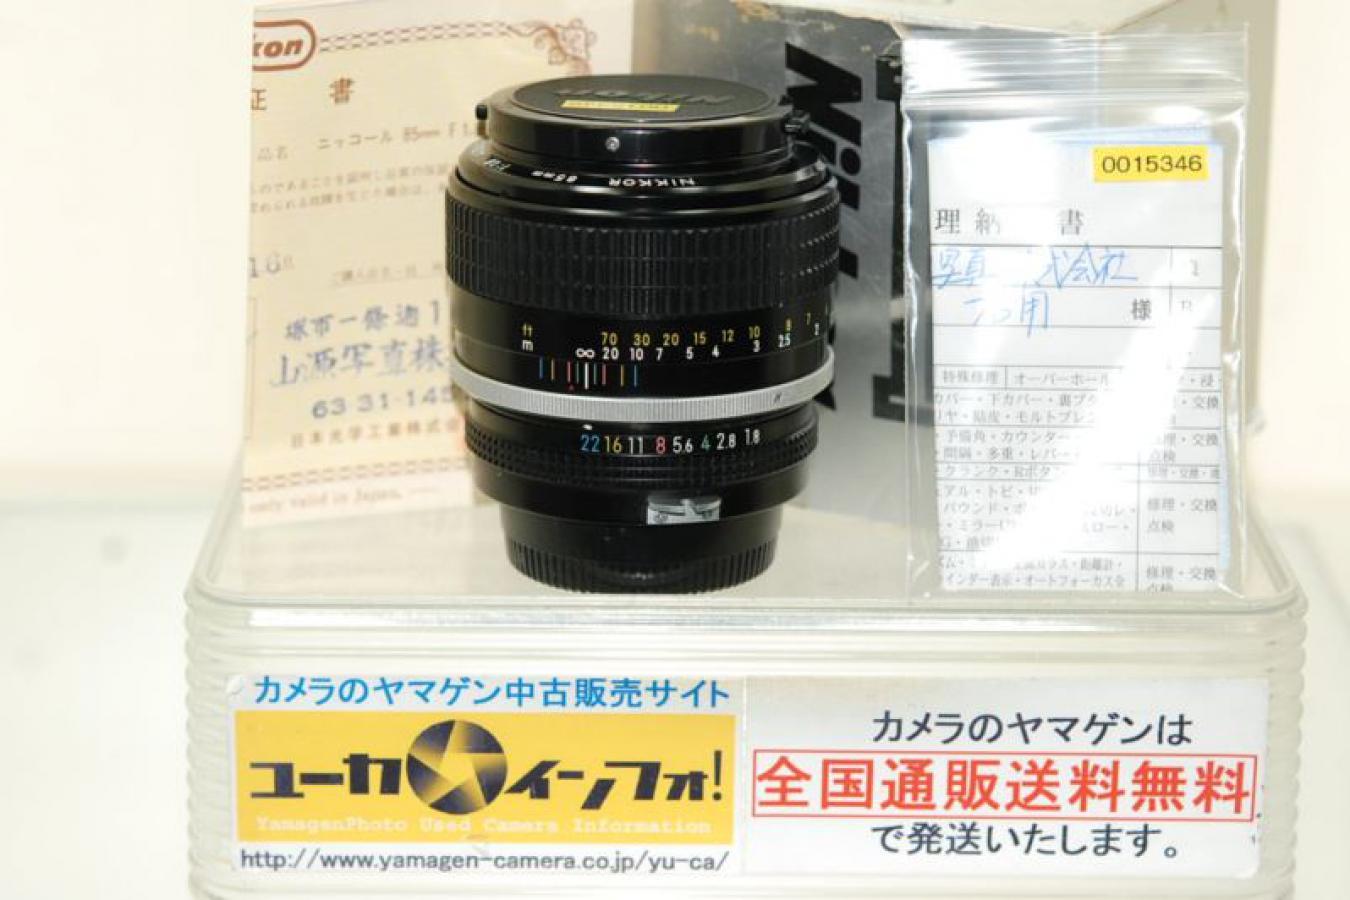 【コレクション向け】 NEW NIKKOR 85mm F1.8 【整備済 販売当時のメーカー保証書、取説、元箱付】